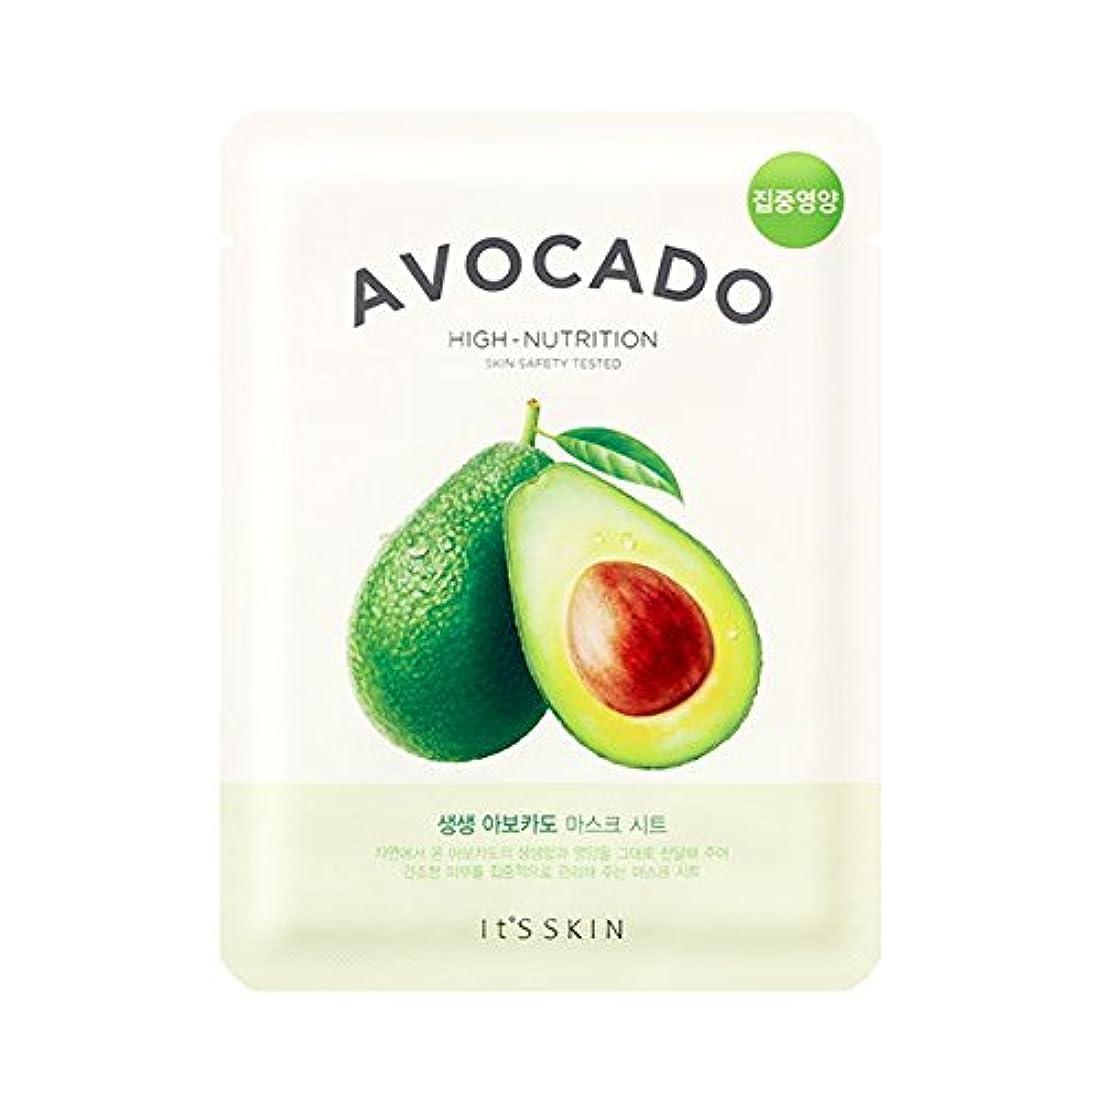 うっかり味便利さ(3 Pack) ITS SKIN The Fresh Mask Sheet Avocado (並行輸入品)